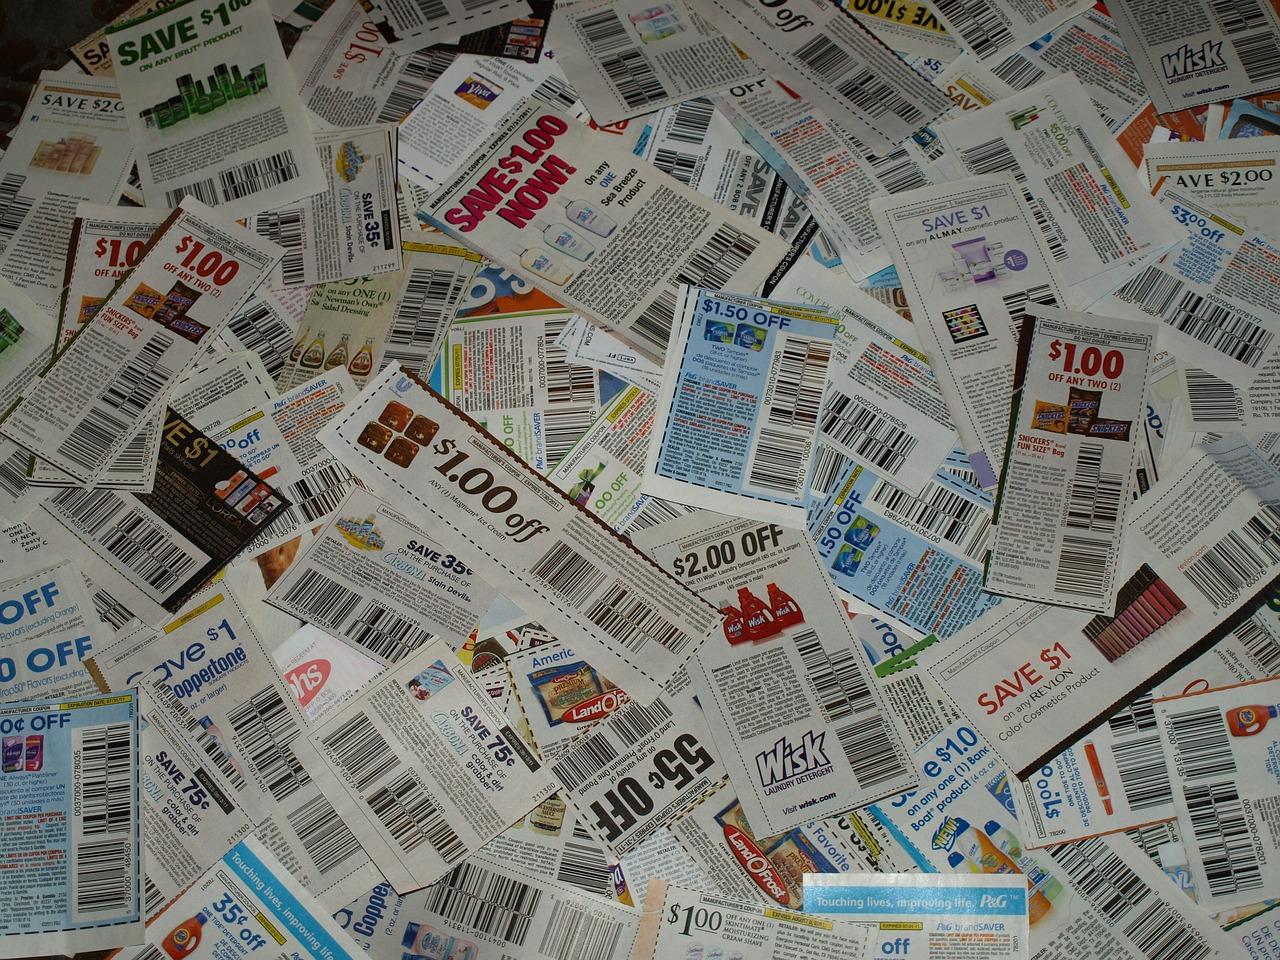 Coupons Promo Codes Shopping - Free photo on Pixabay